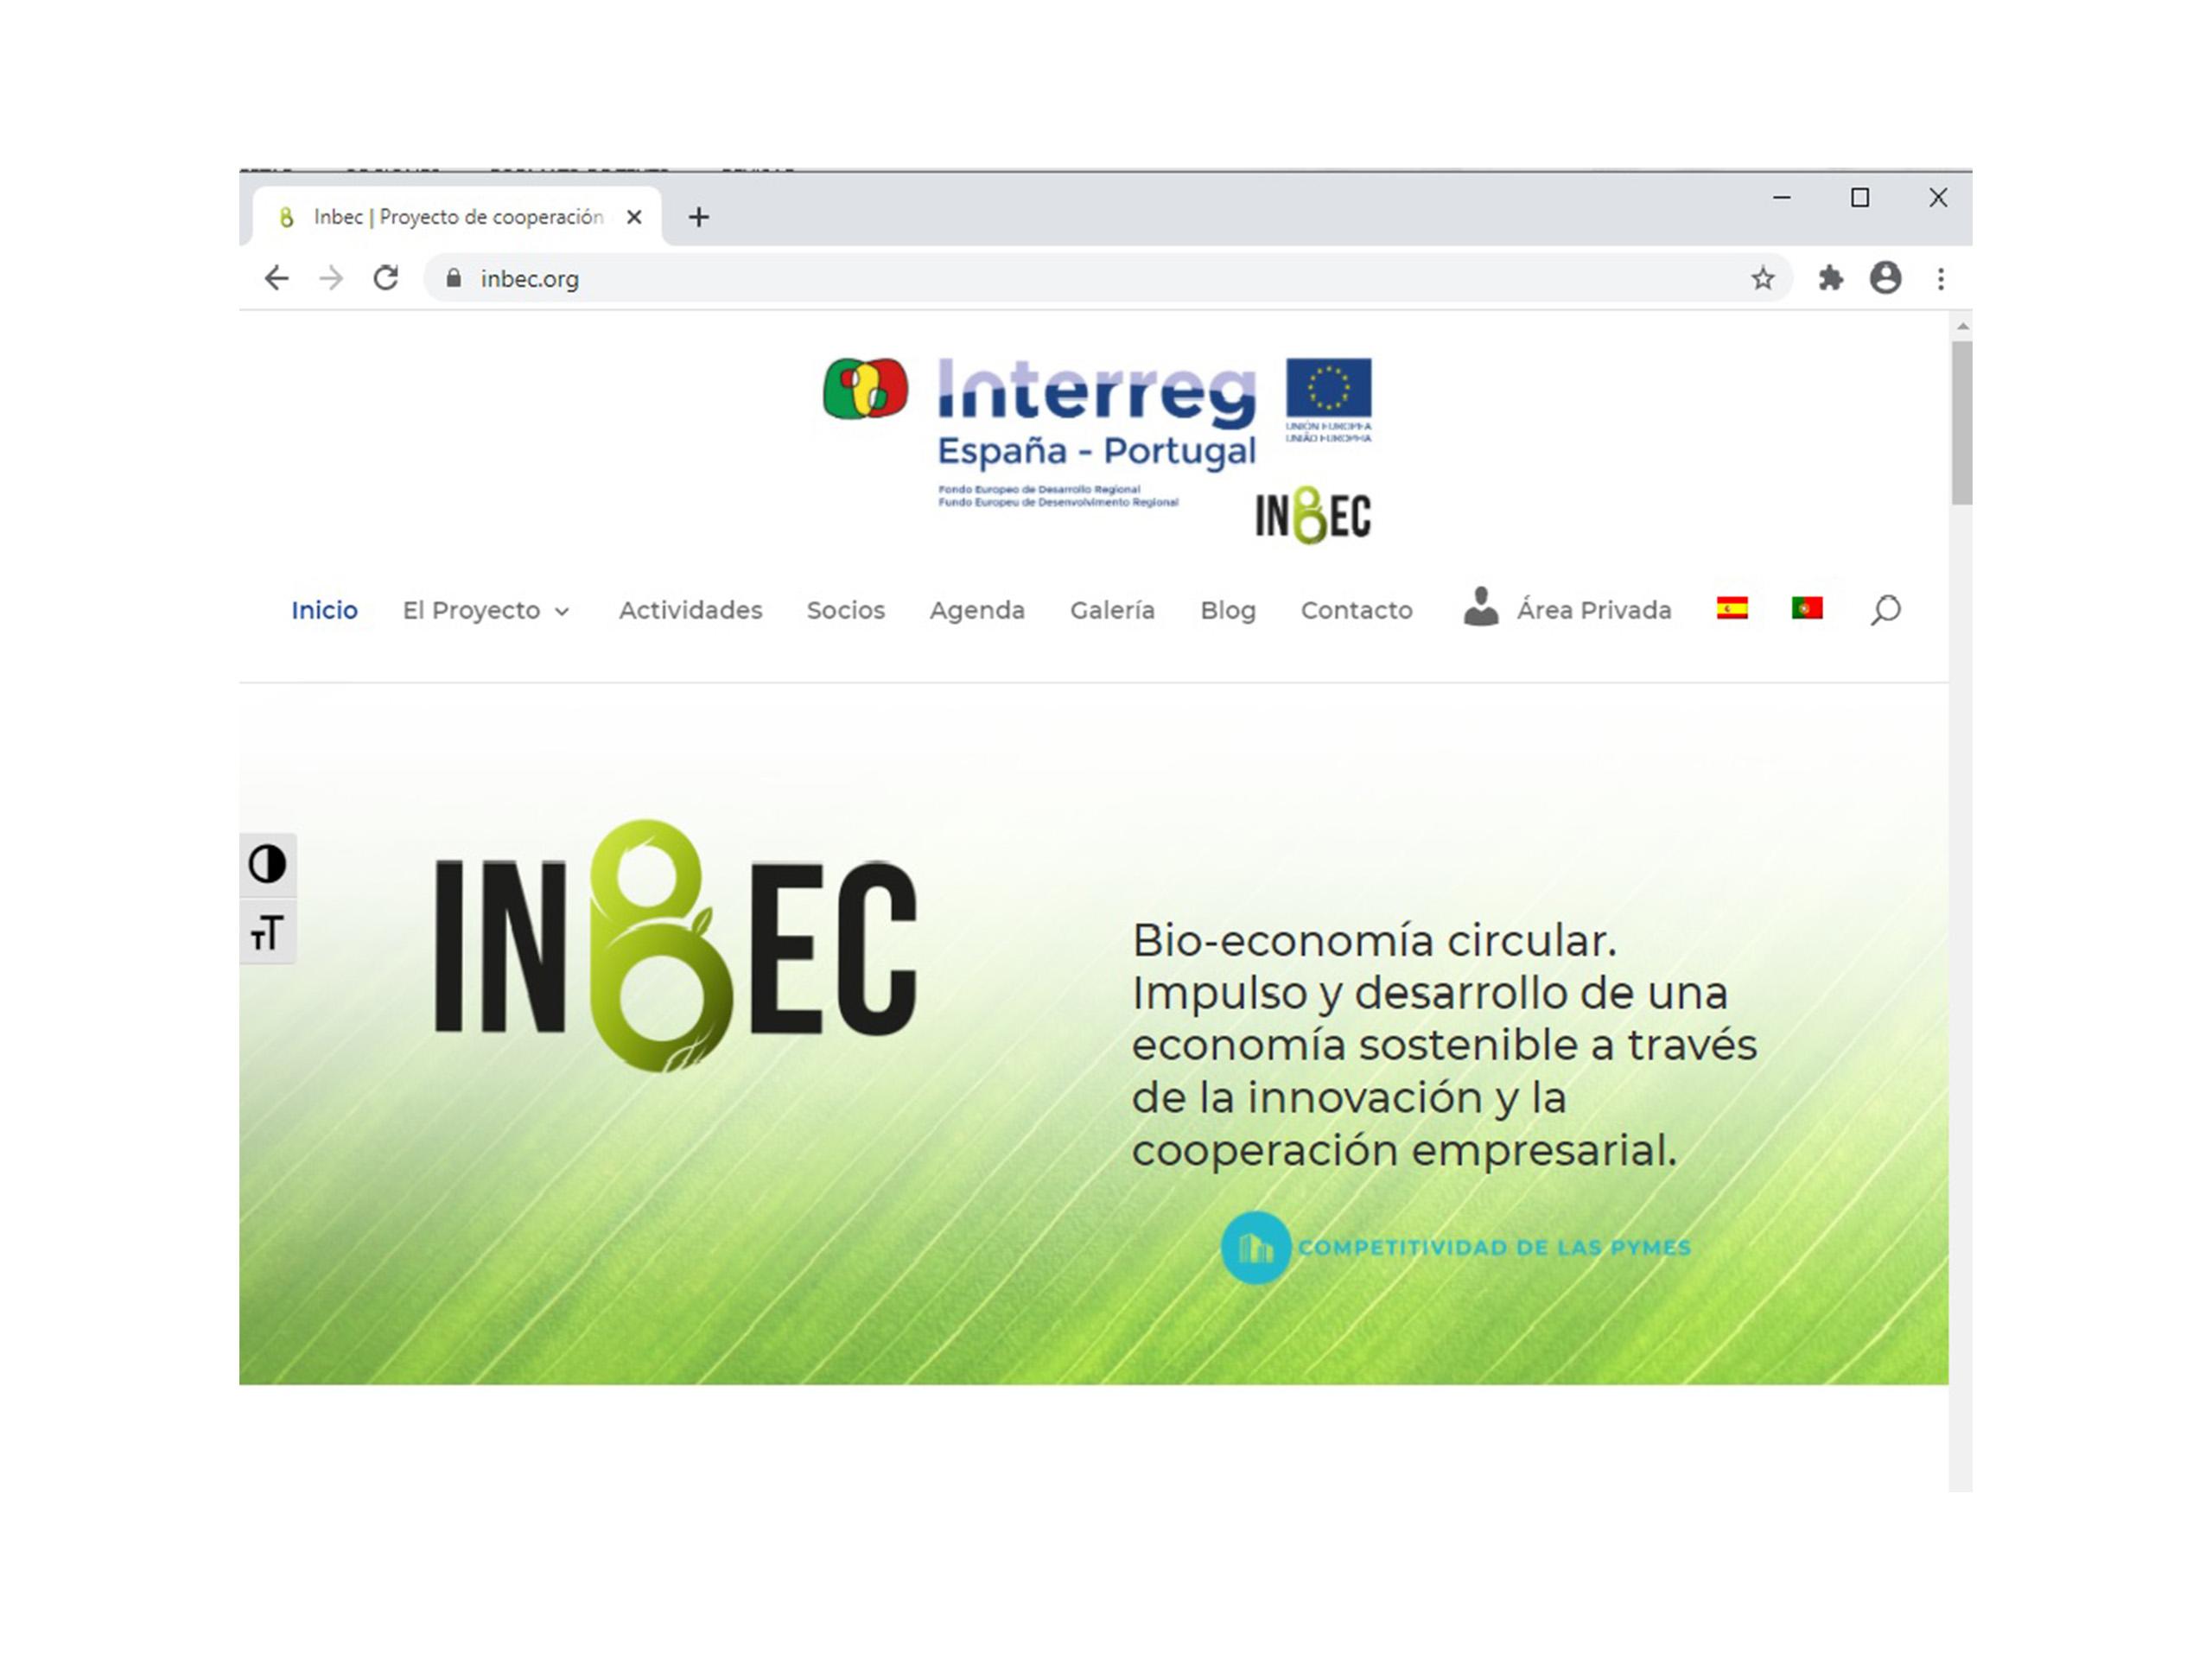 www.inbec.org